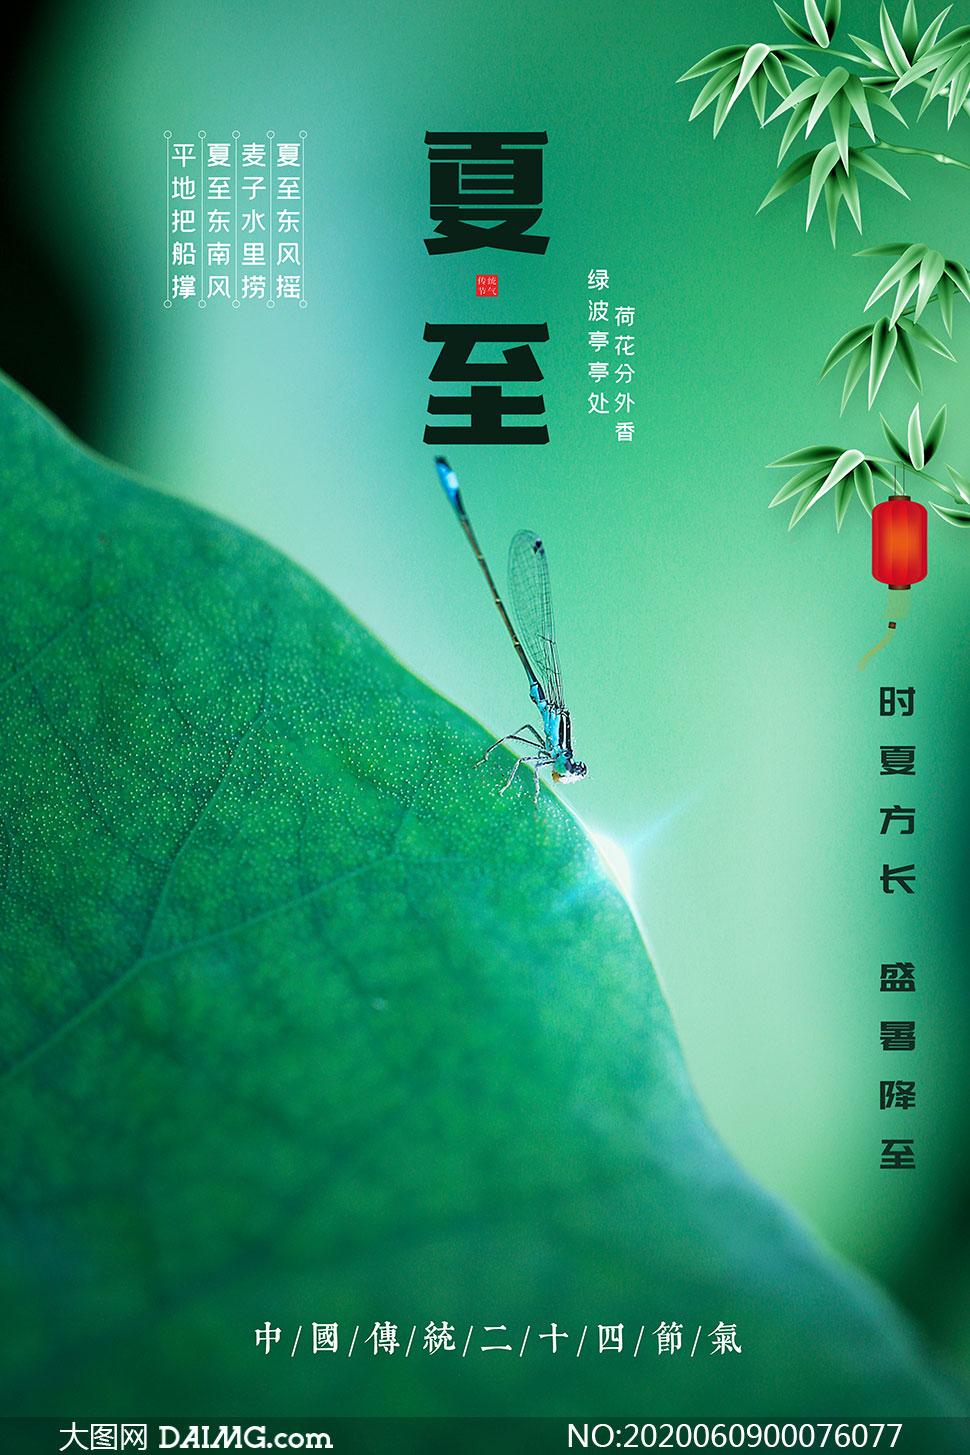 中国风绿色主题夏至节气海报PSD素材